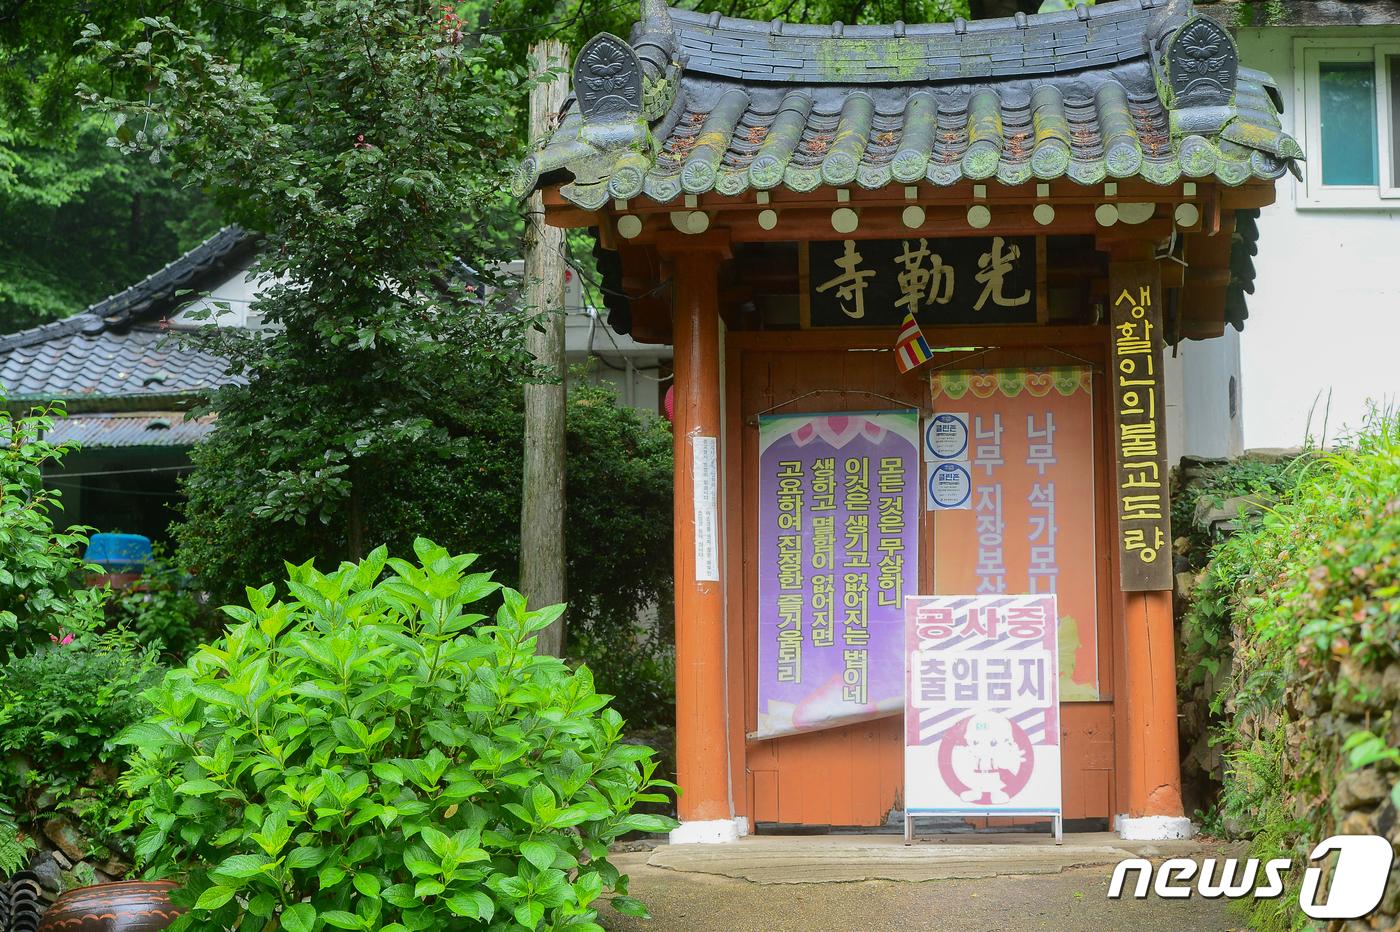 韩国一寺庙暴发集体感染:12人确诊 六旬老和尚也中招